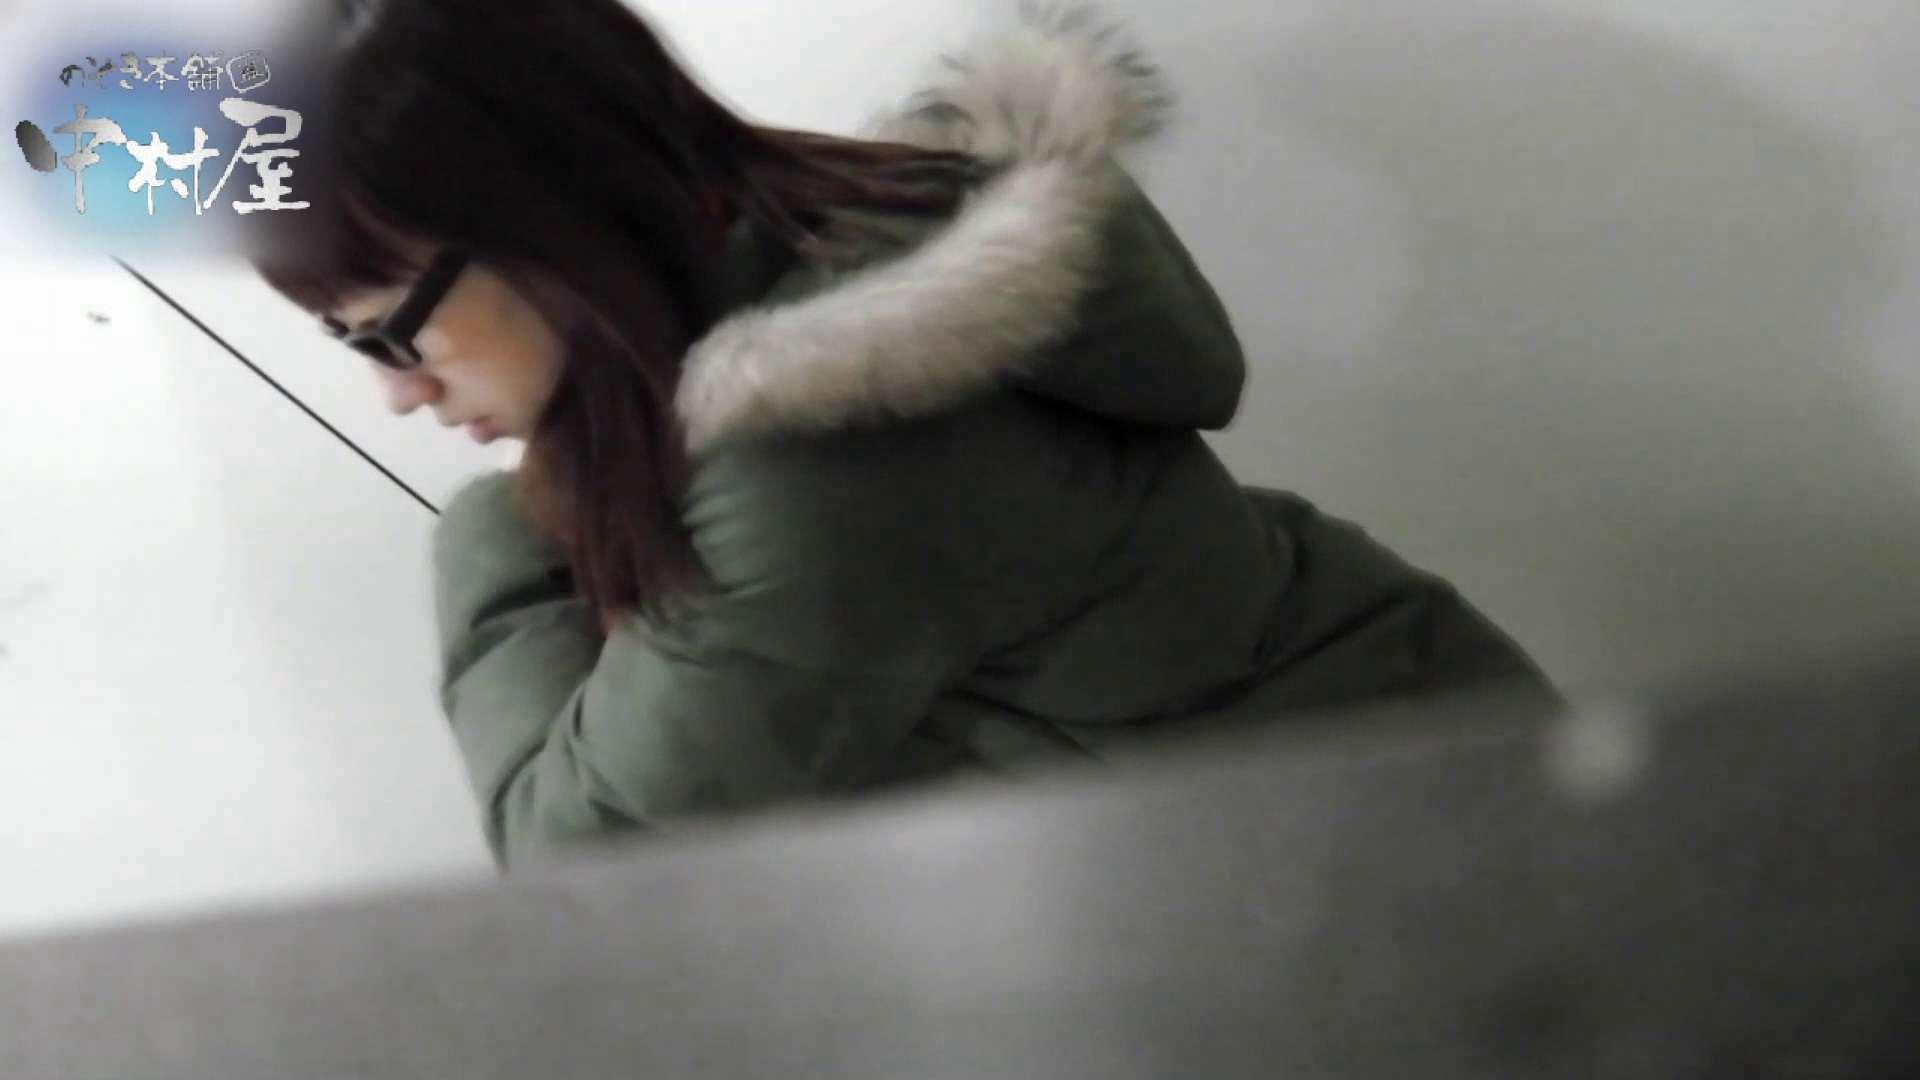 乙女集まる!ショッピングモール潜入撮vol.12 丸見え   HなOL  58pic 1